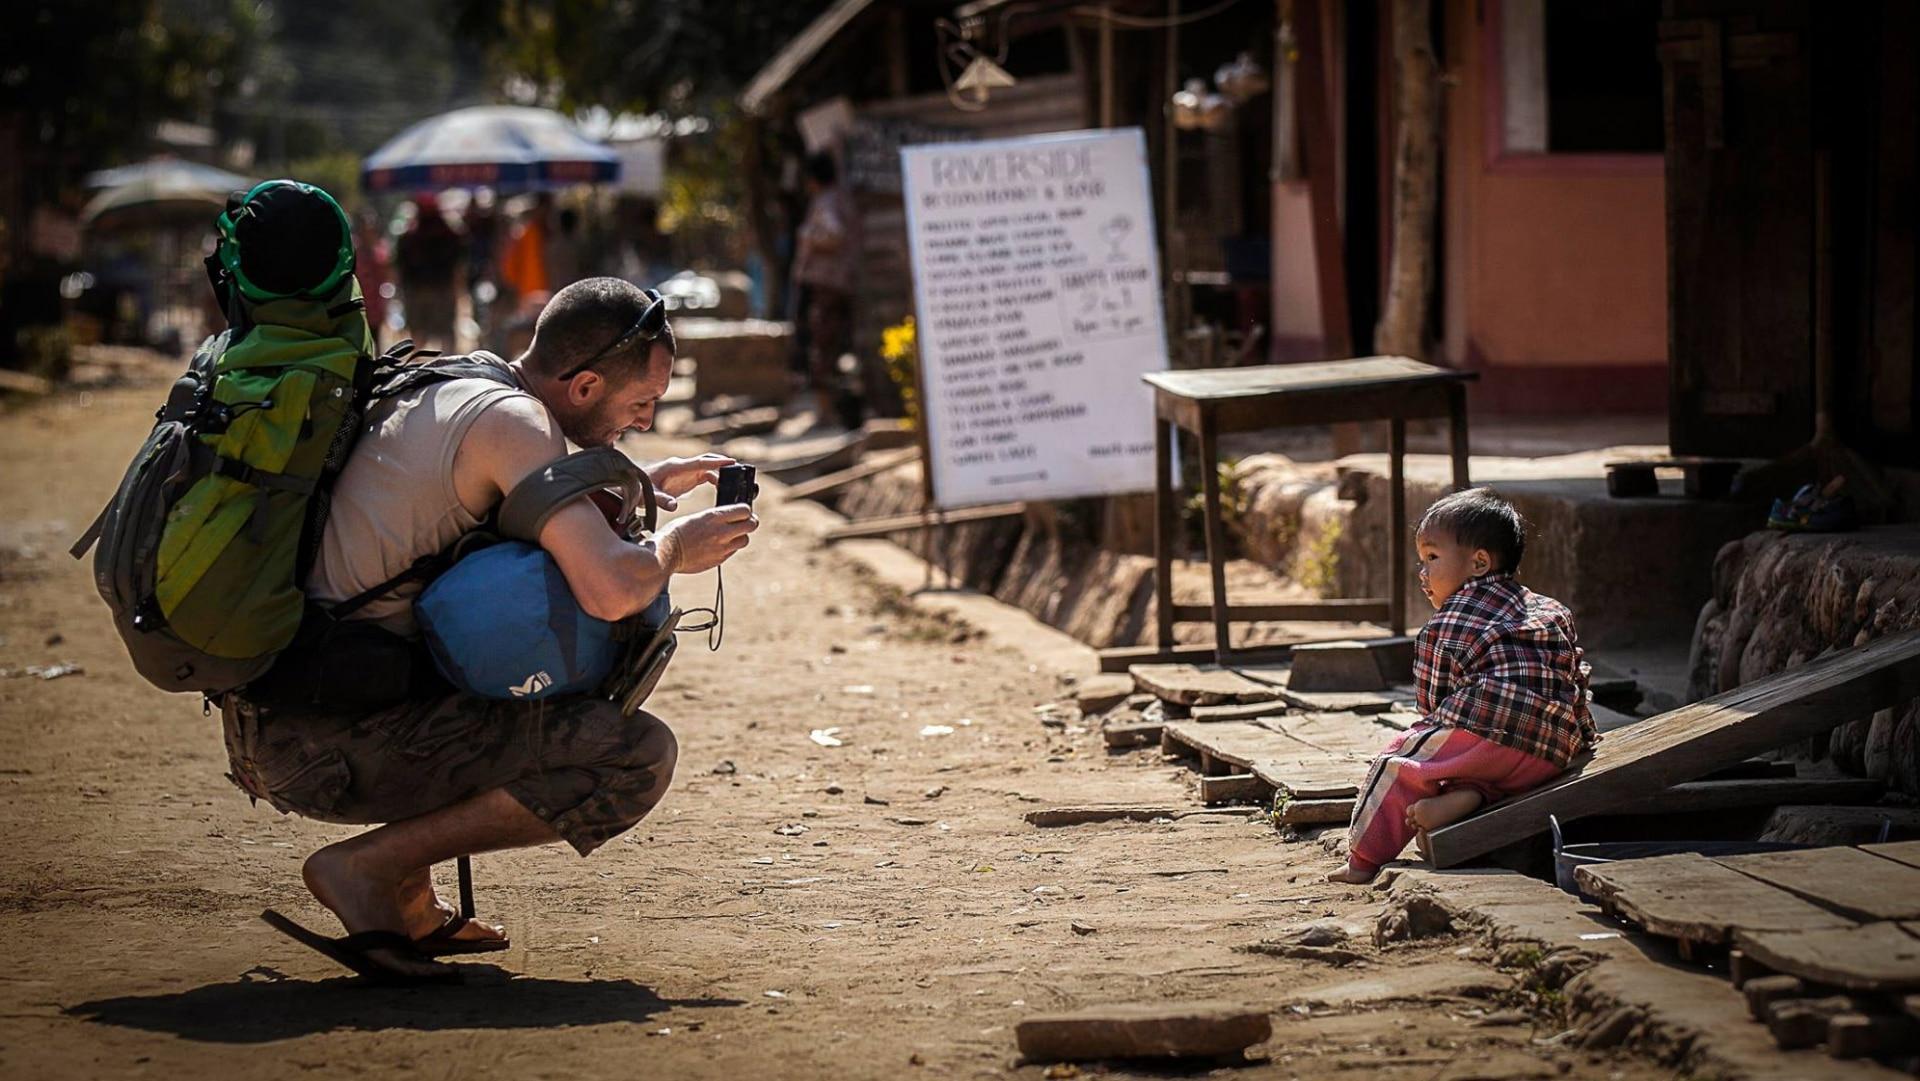 Viel näher als durch die Kamera kommt man fremden Kulturen auch vor Ort nicht.